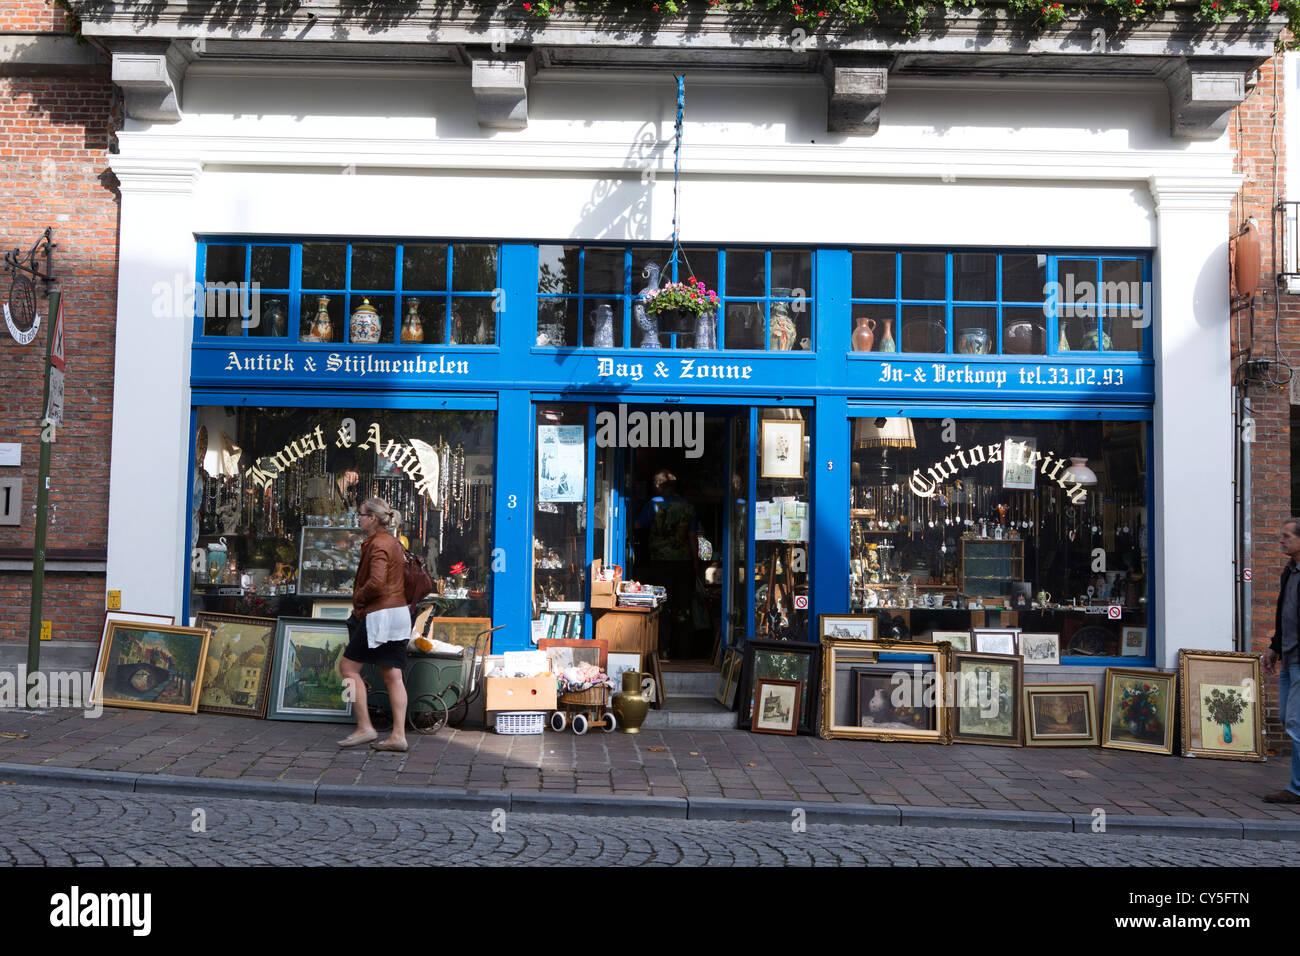 Antique Shop Belgium Stock Photos & Antique Shop Belgium Stock ...